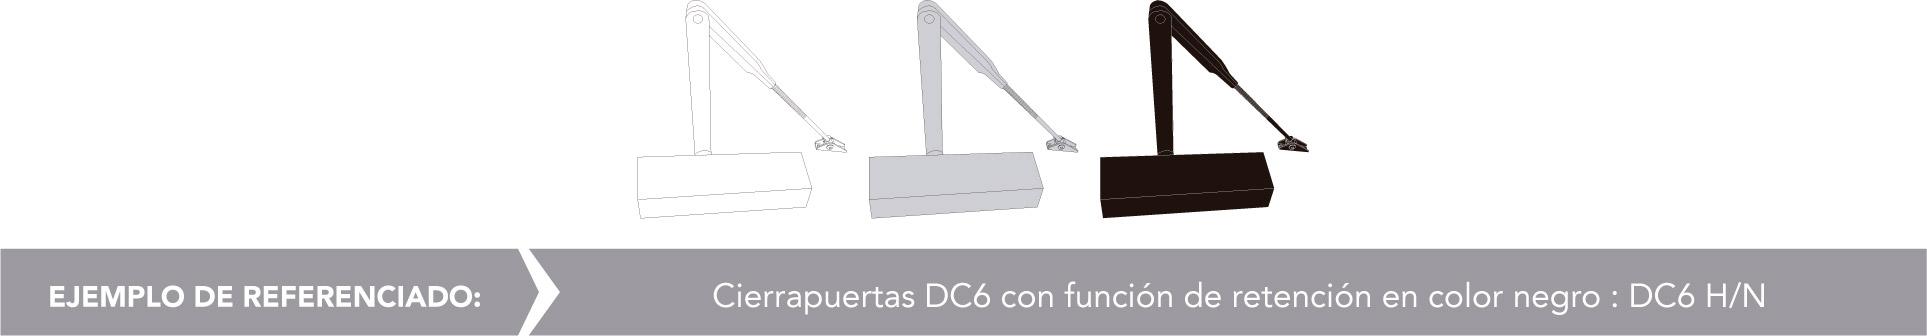 DC6_pie